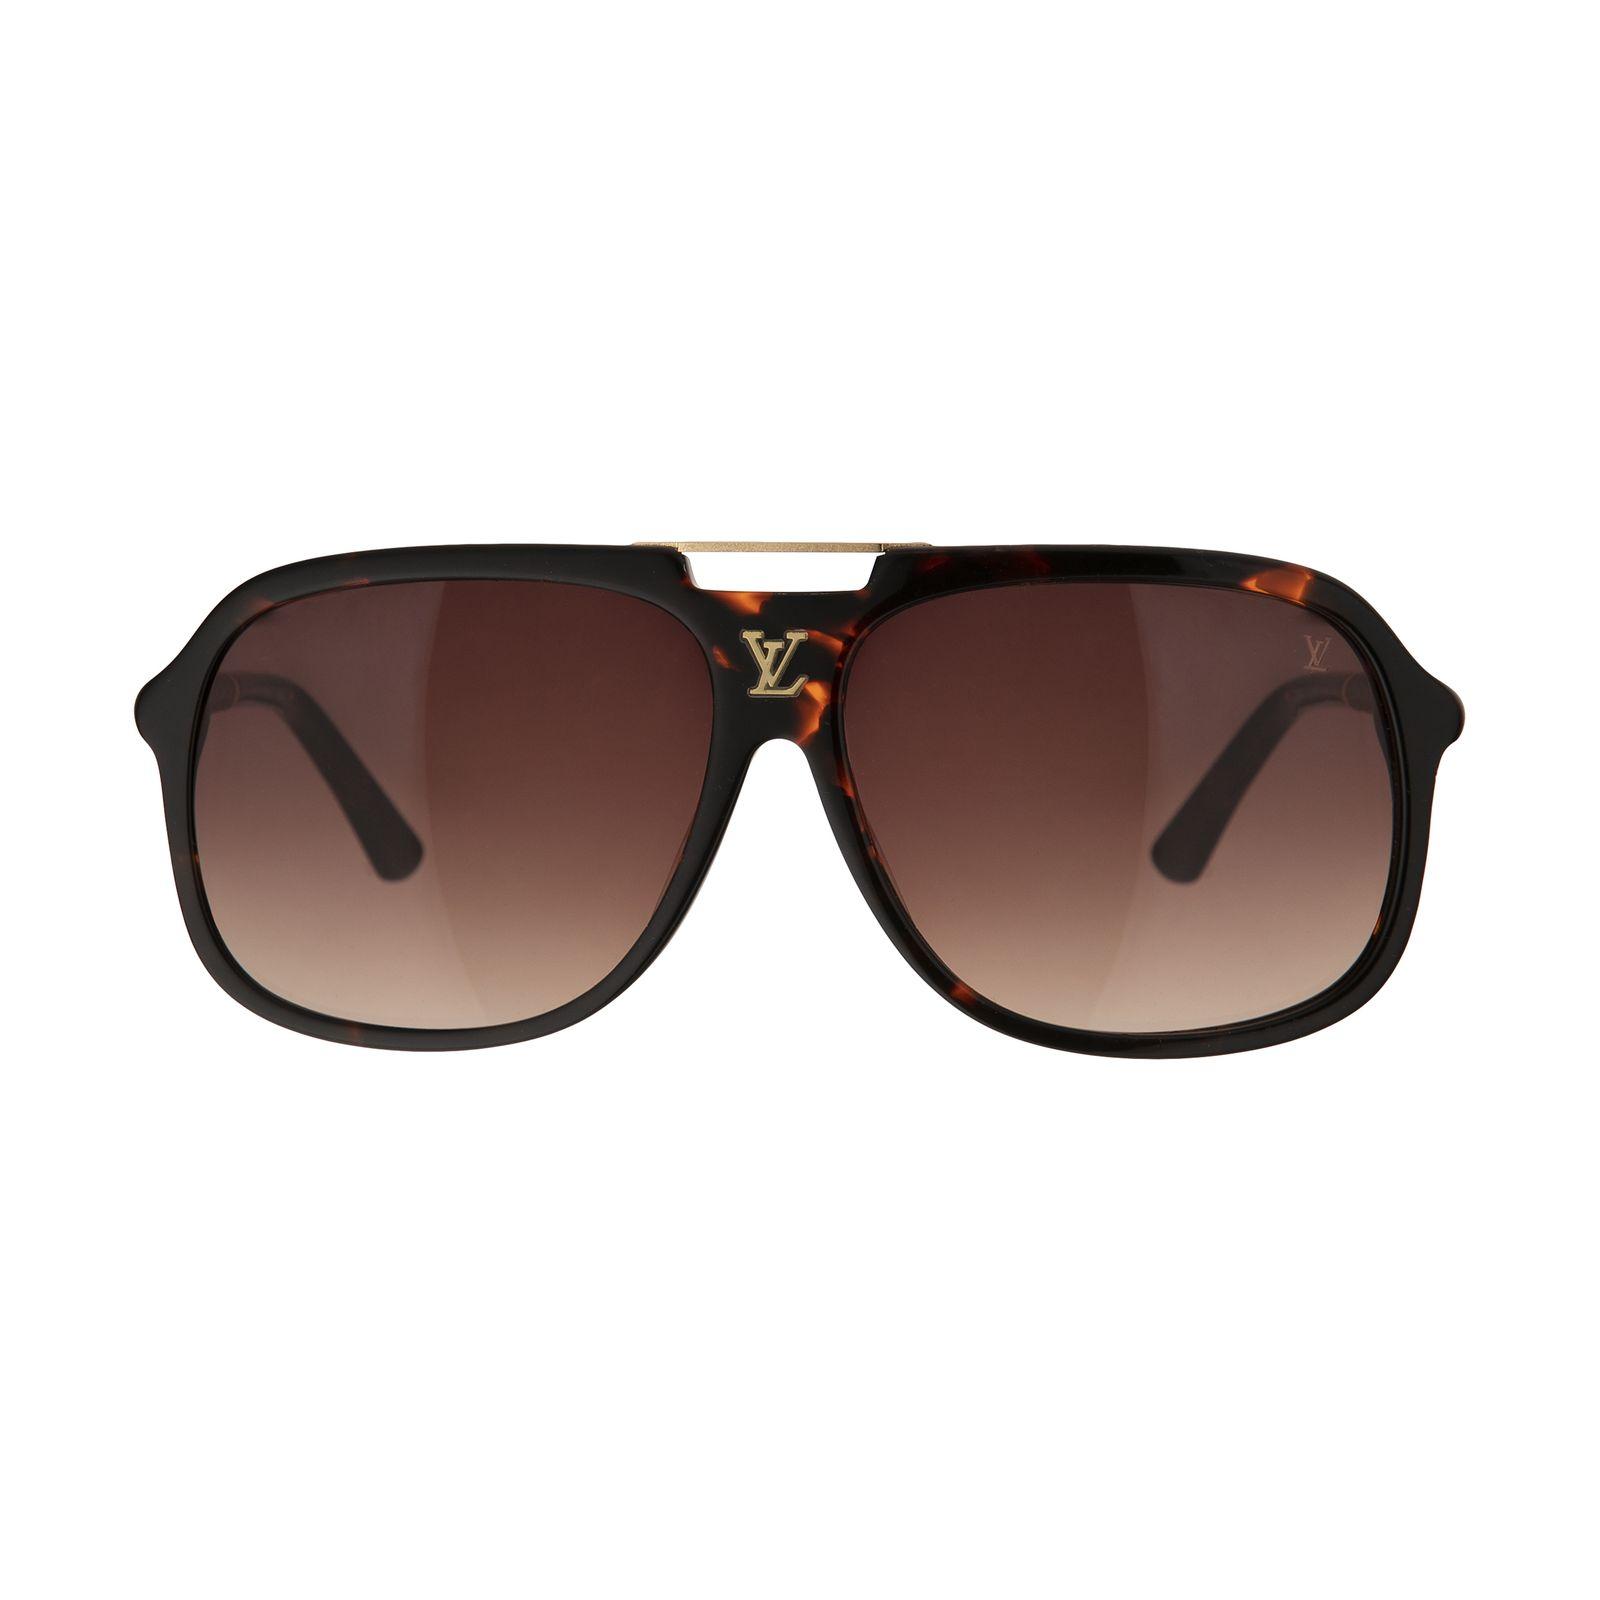 عینک آفتابی لویی ویتون مدل 2977 -  - 2